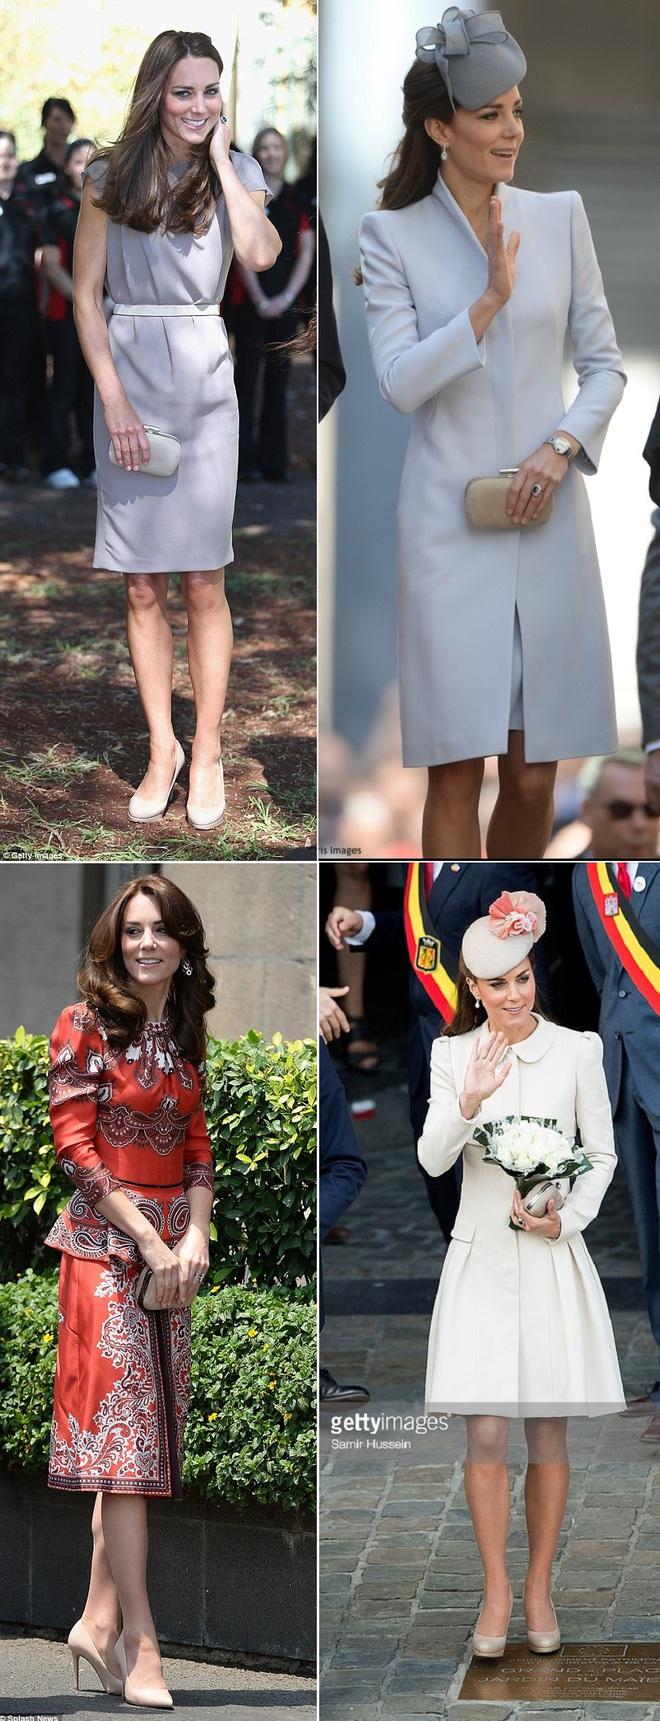 Suốt cả tháng 7, công nương Kate chỉ chuộng diện lại túi cũ từ năm ngoái - Ảnh 8.